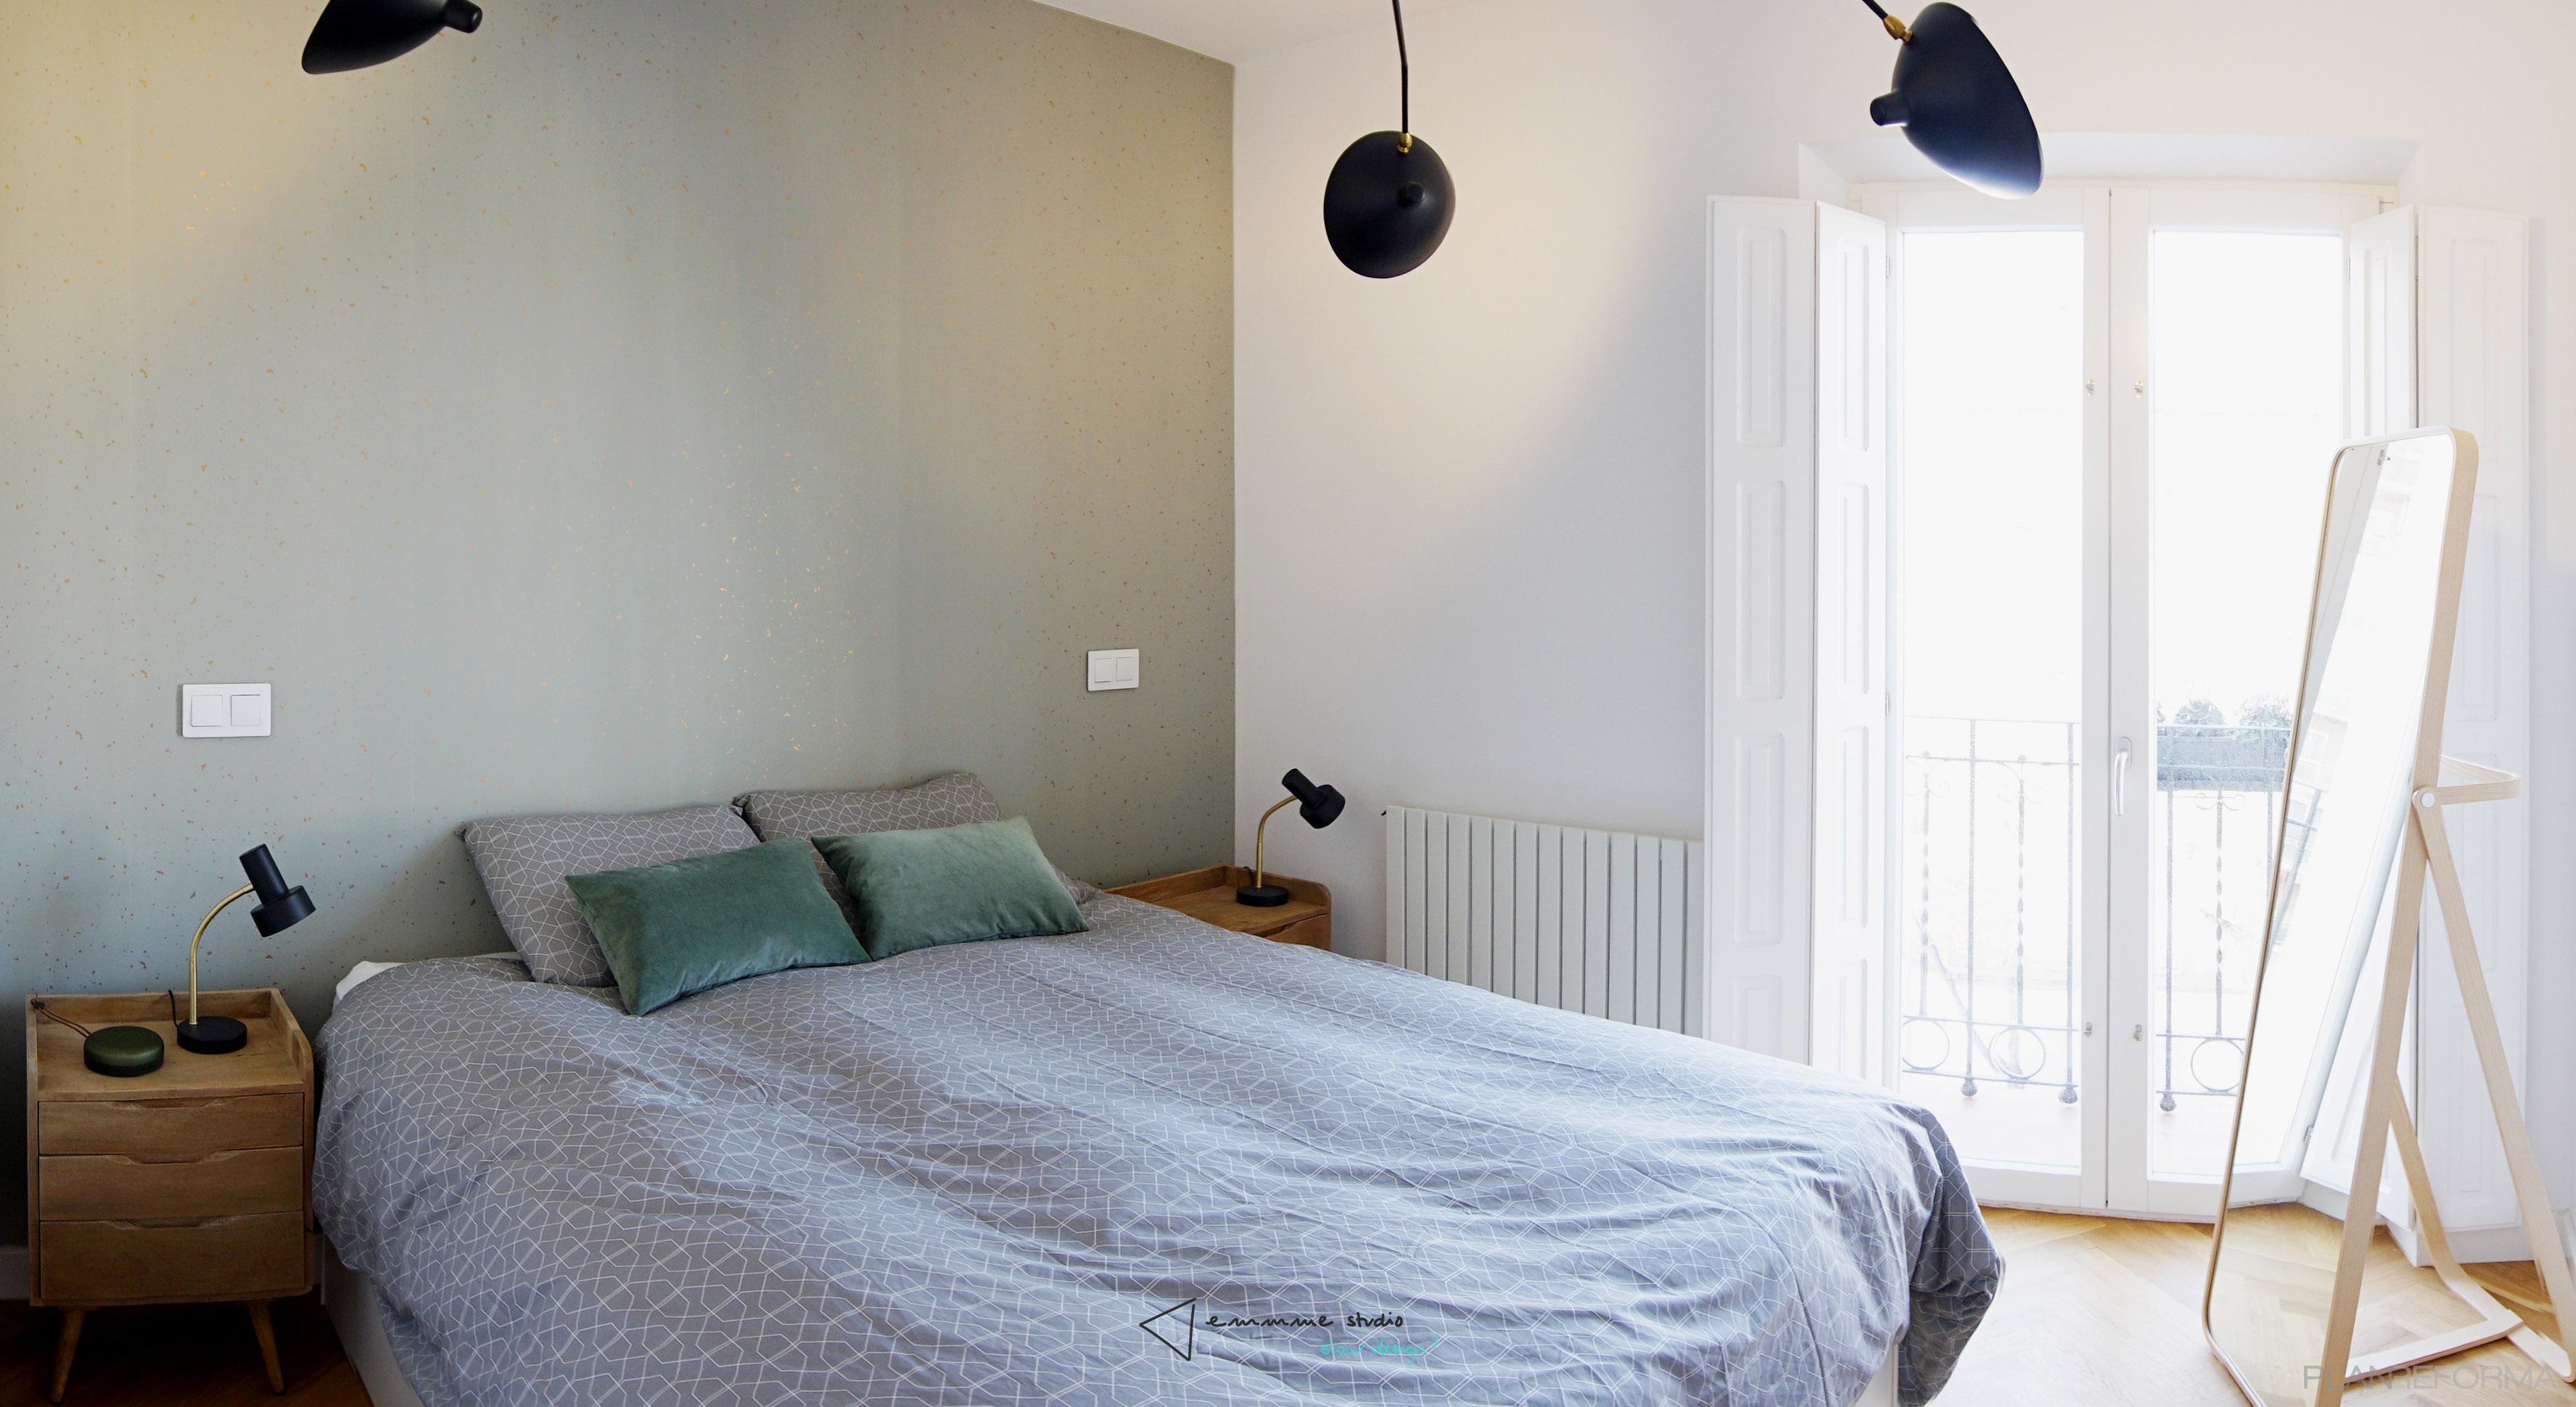 Dormitorio estilo eclectico color gris - Emmme studio ...